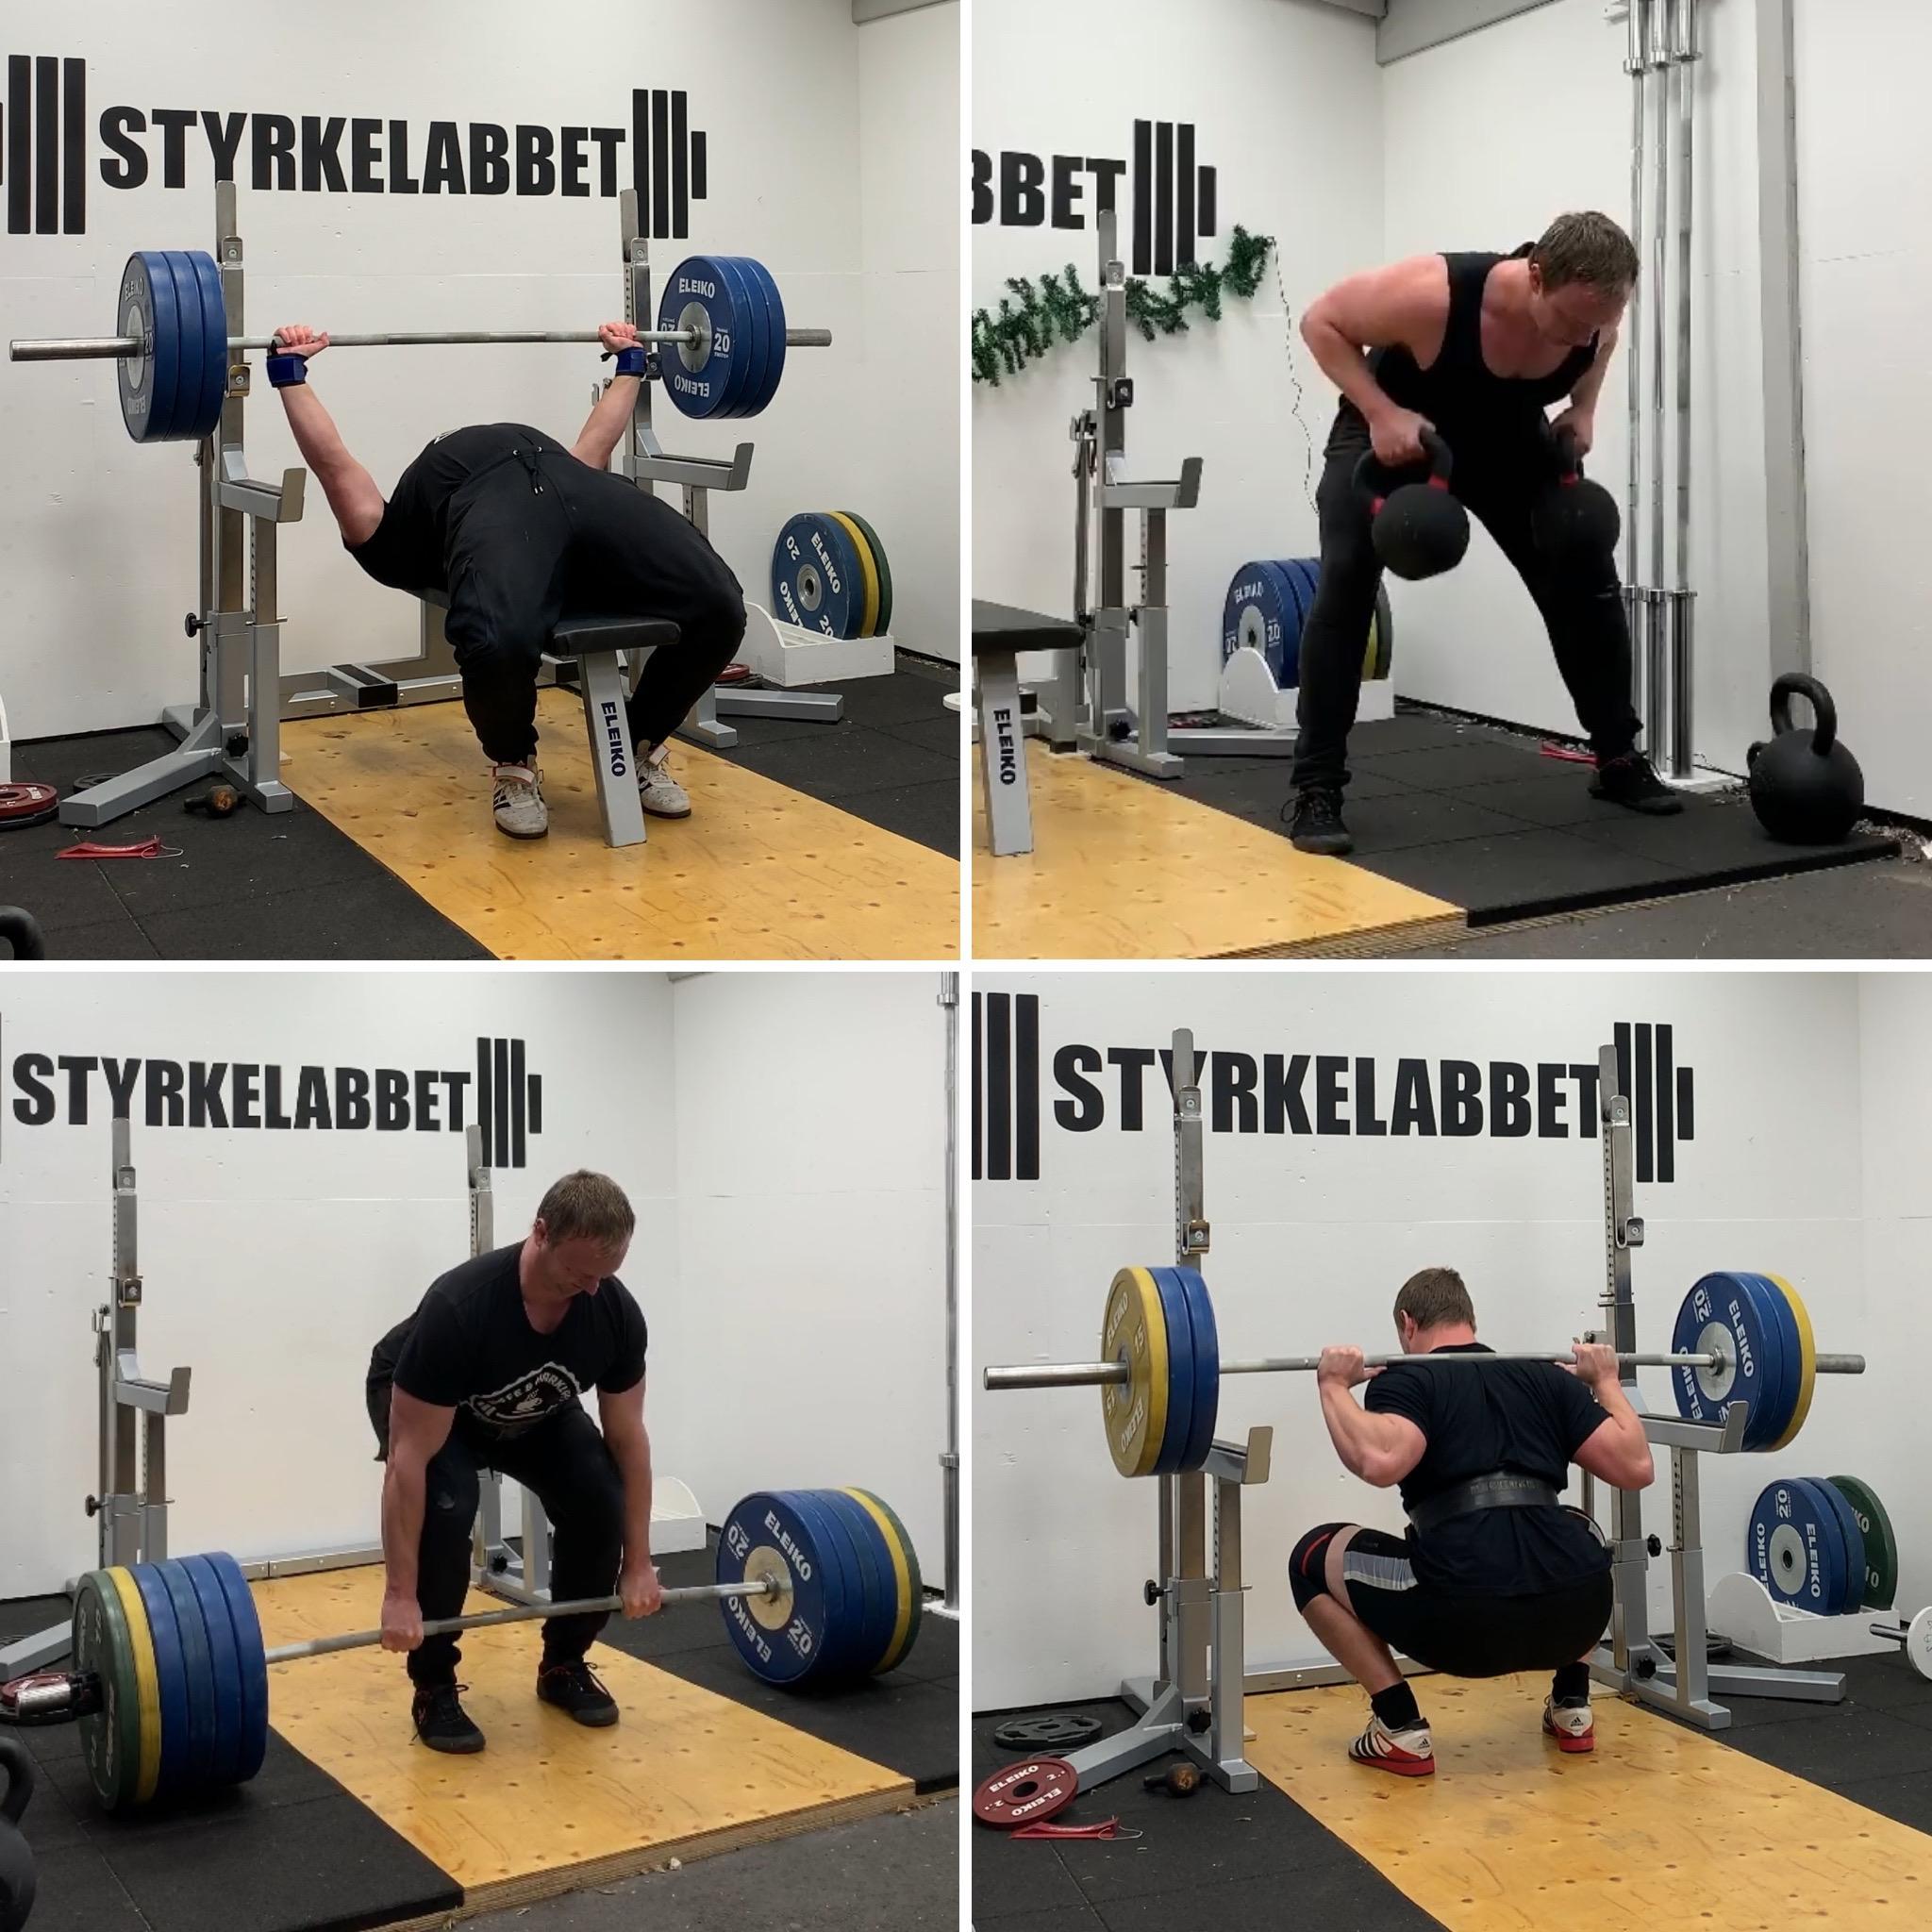 Fyra grundrörelser för styrketräning